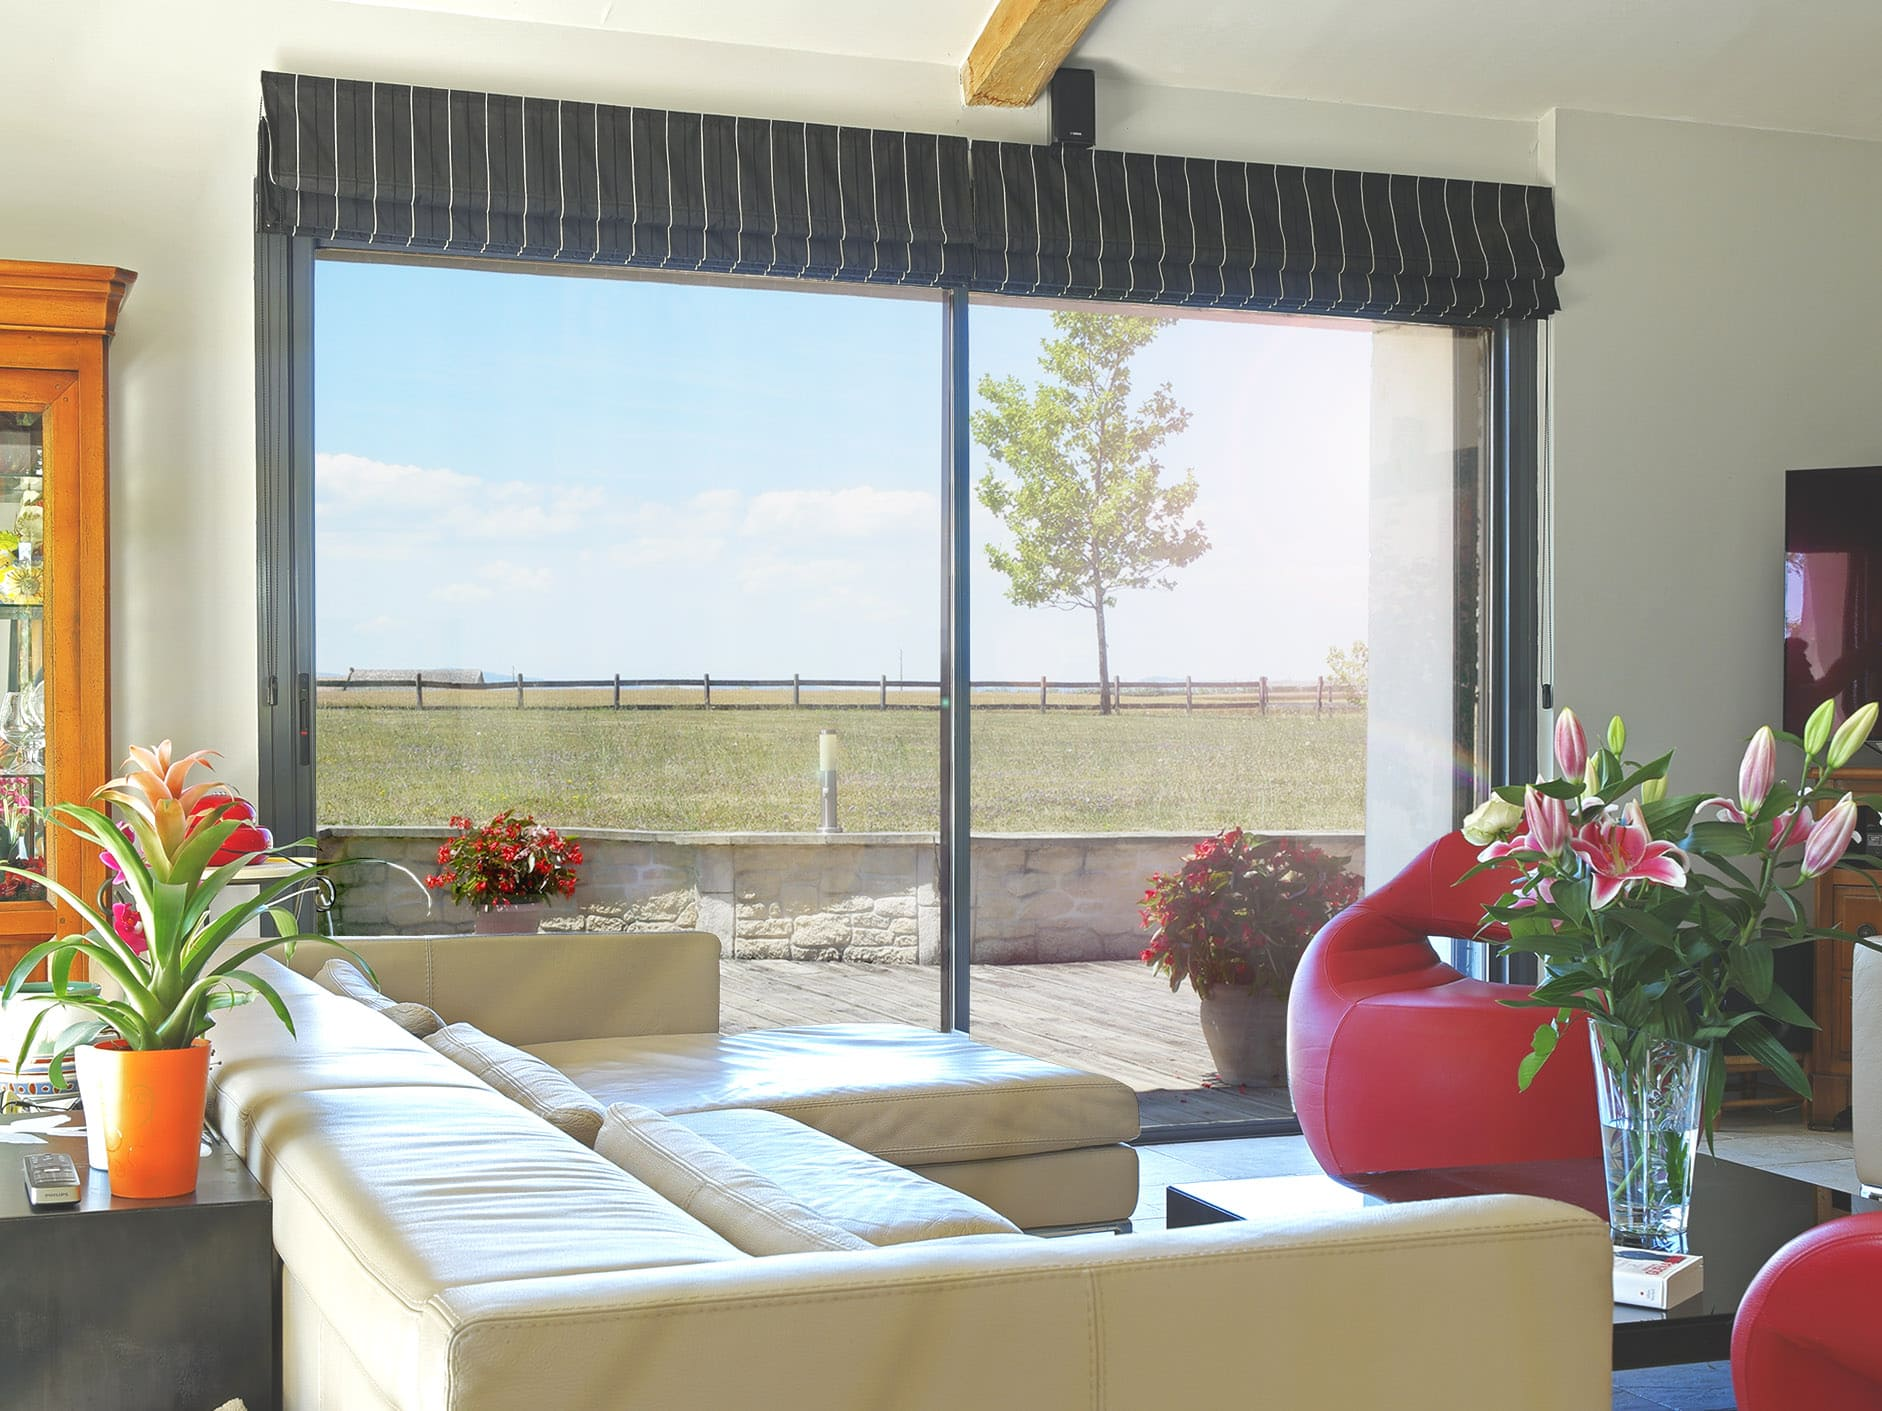 Vitrage équipé du film sécurité solaire anti-chaleur en vue intérieure